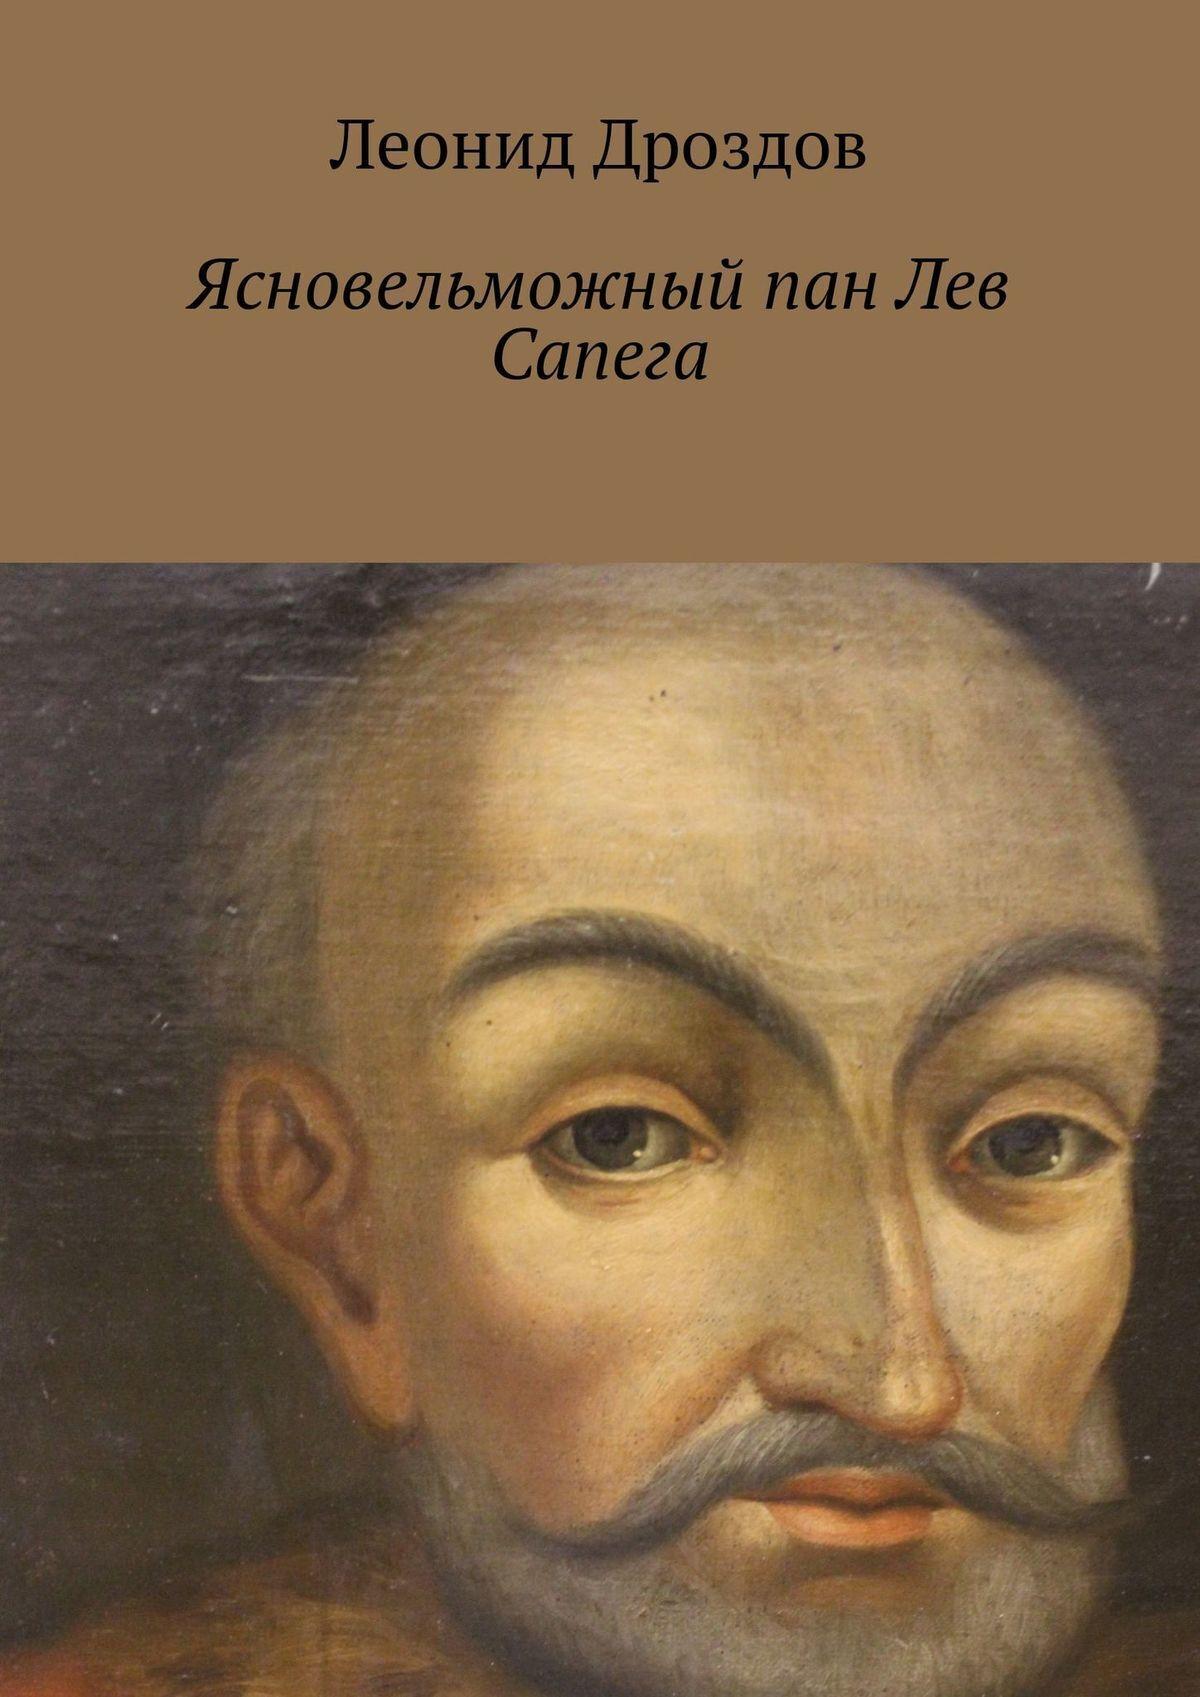 Ясновельможный пан ЛЕВСАПЕГА